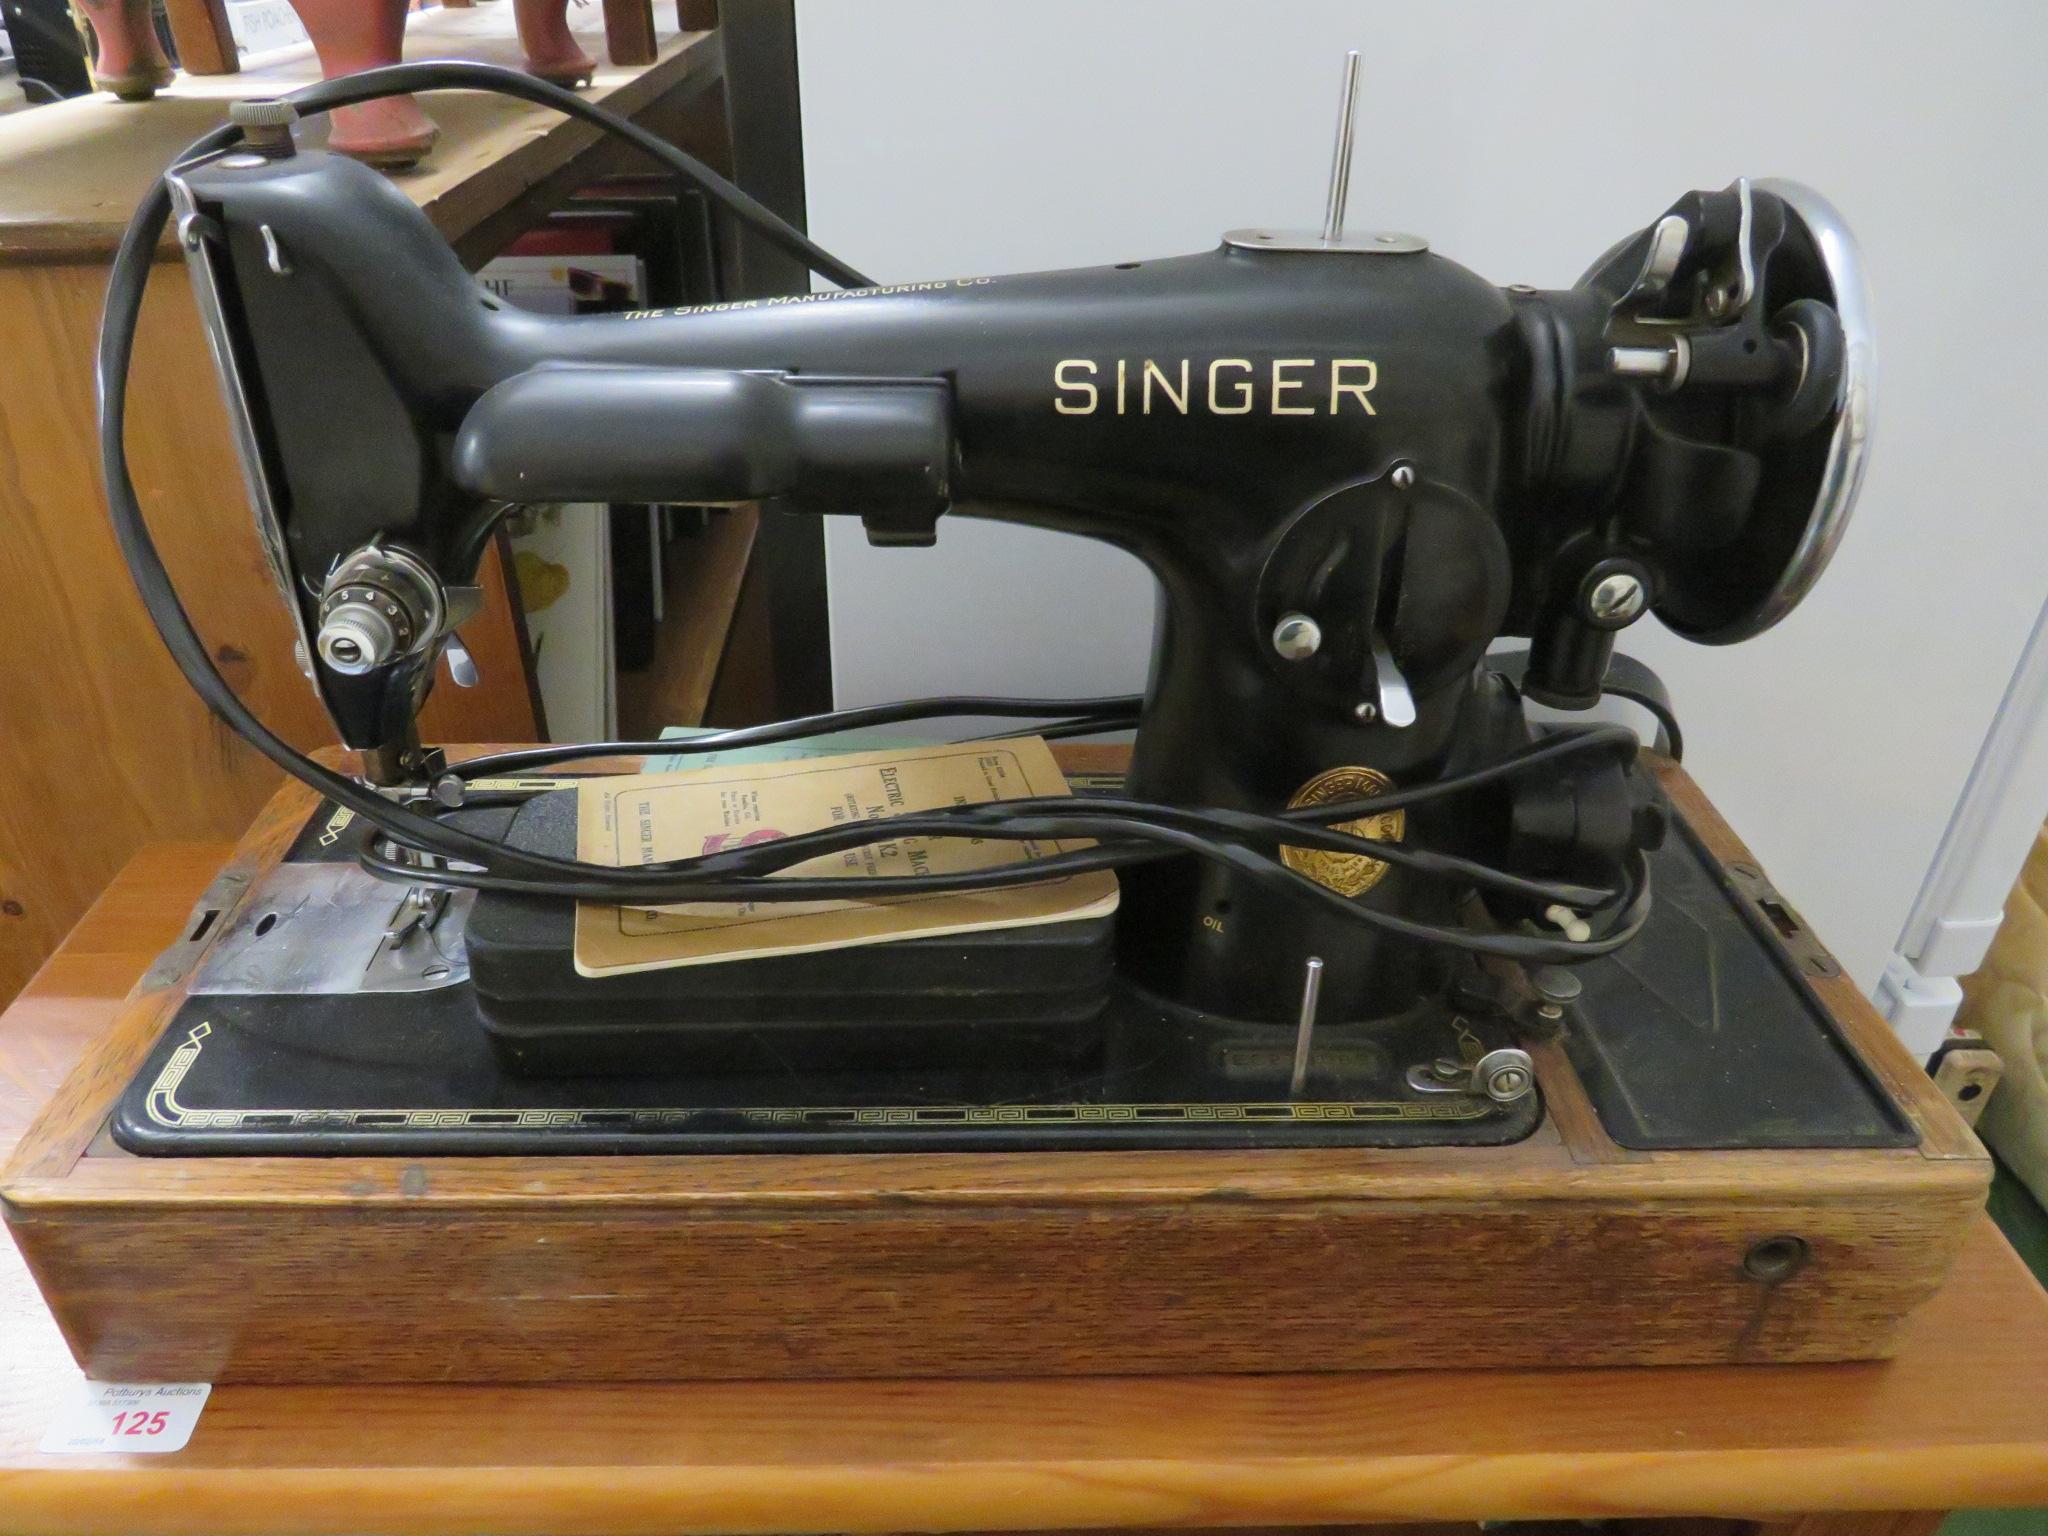 Lot 124 - VINTAGE ELECTRIC SINGER SEWING MACHINE IN WOOD VENEERED CARRY CASE